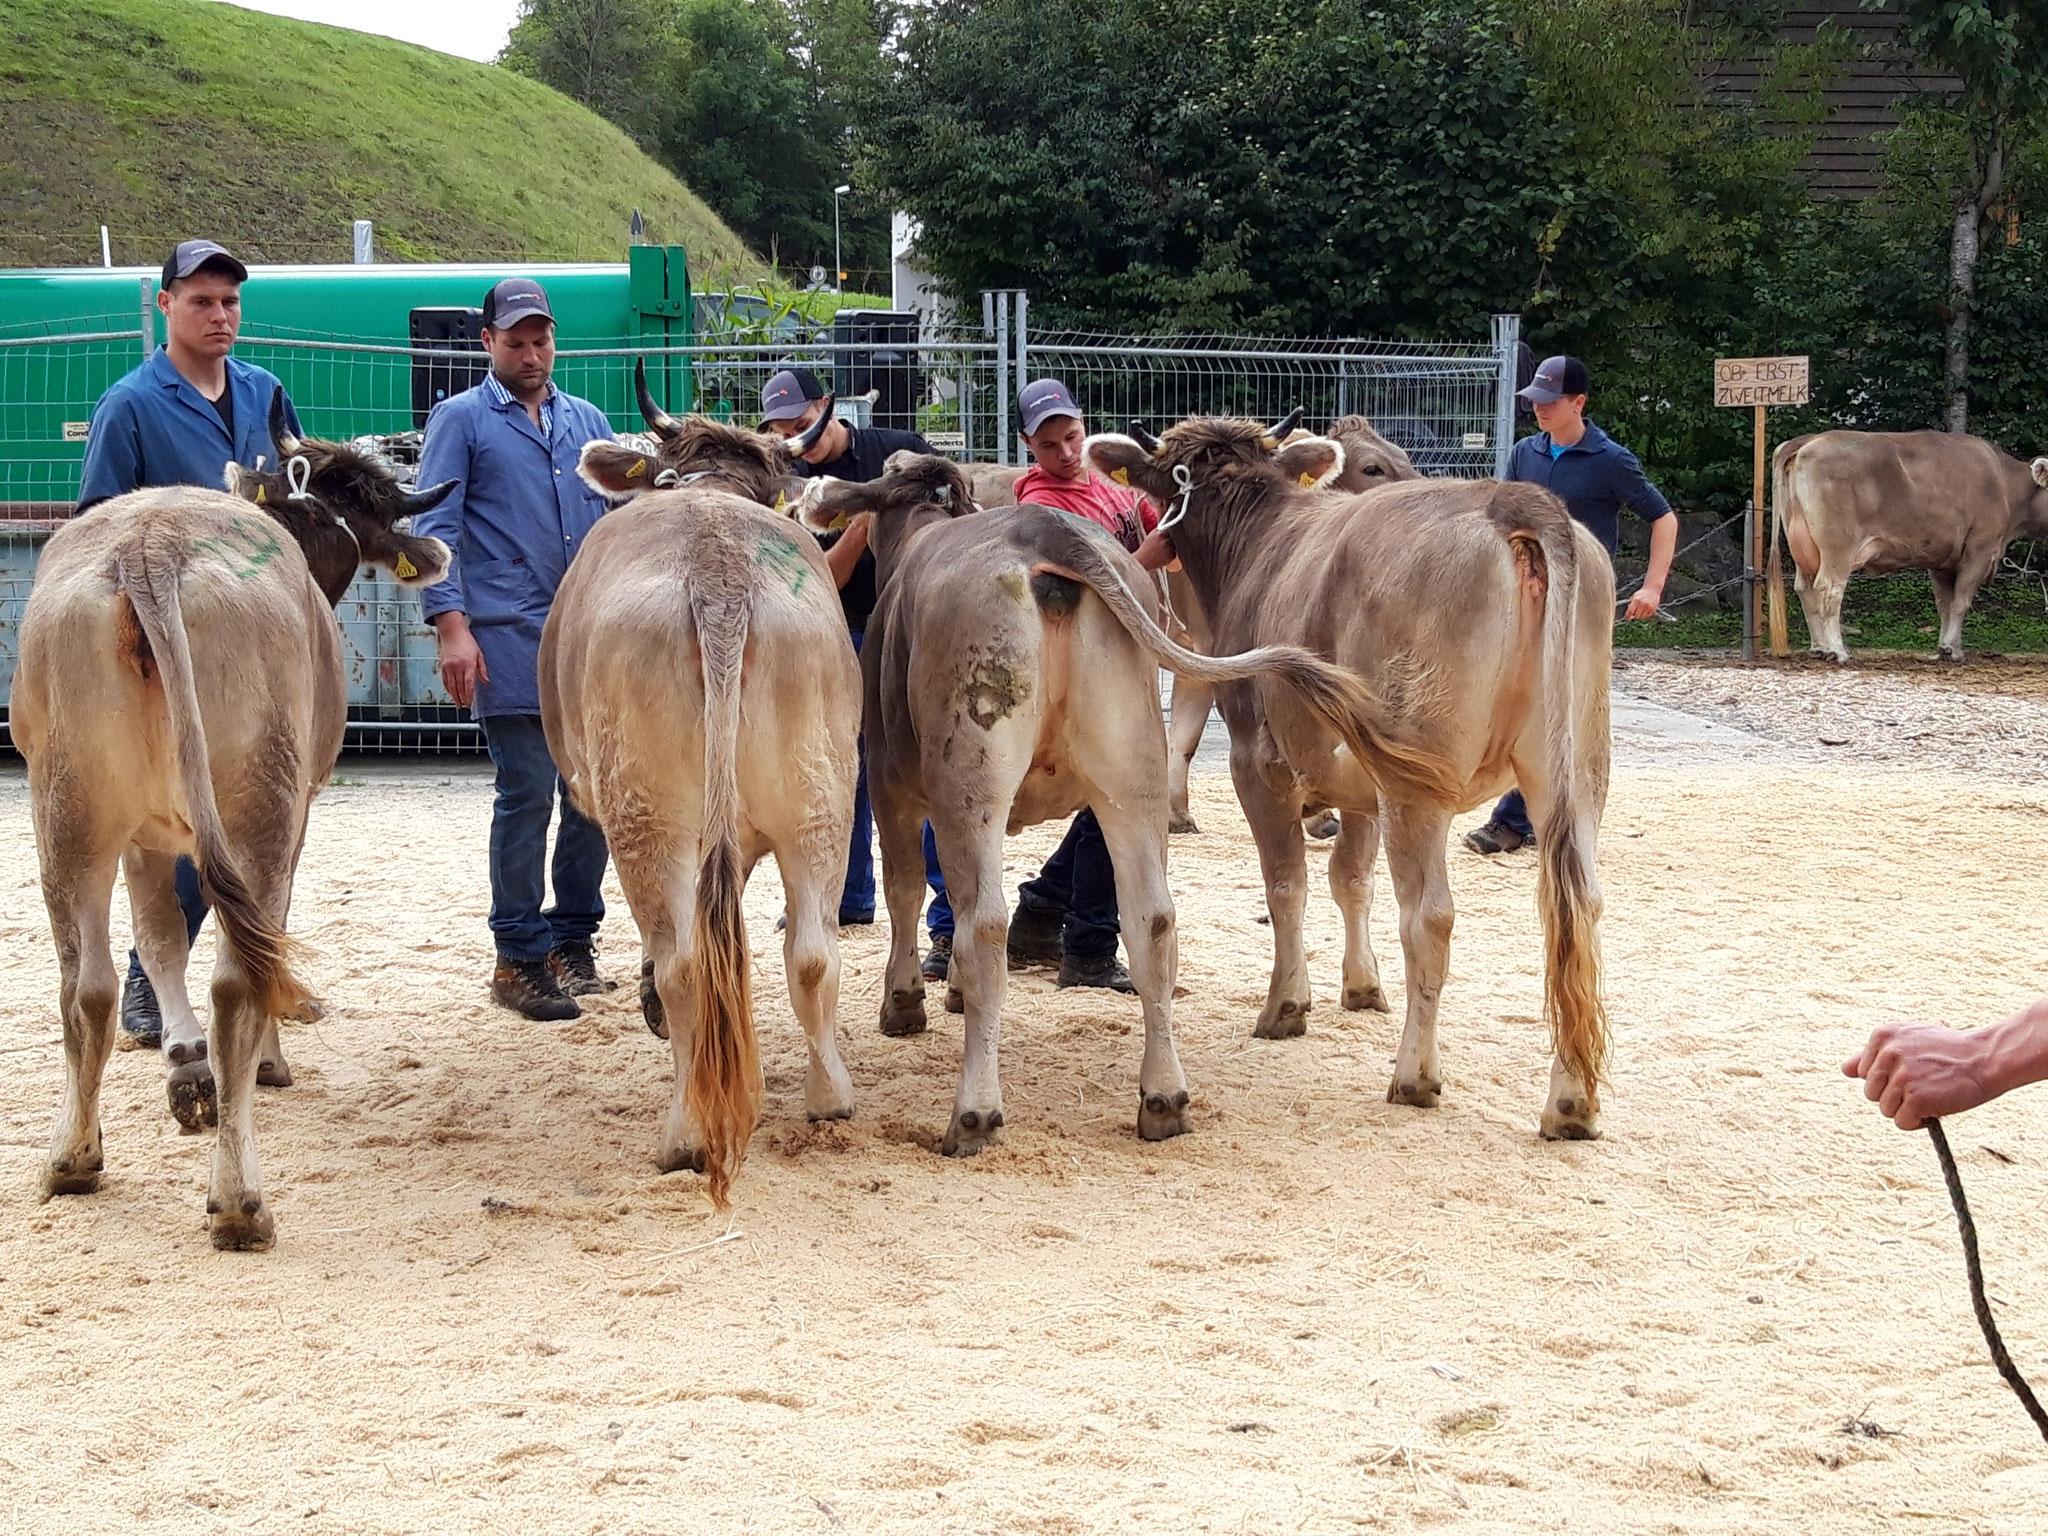 Abteilung Jüngere Rinder: 1. Harlei Urania , 3. Gregori Gina , 4. Lorento Tina von Duss Martin (v. r.)